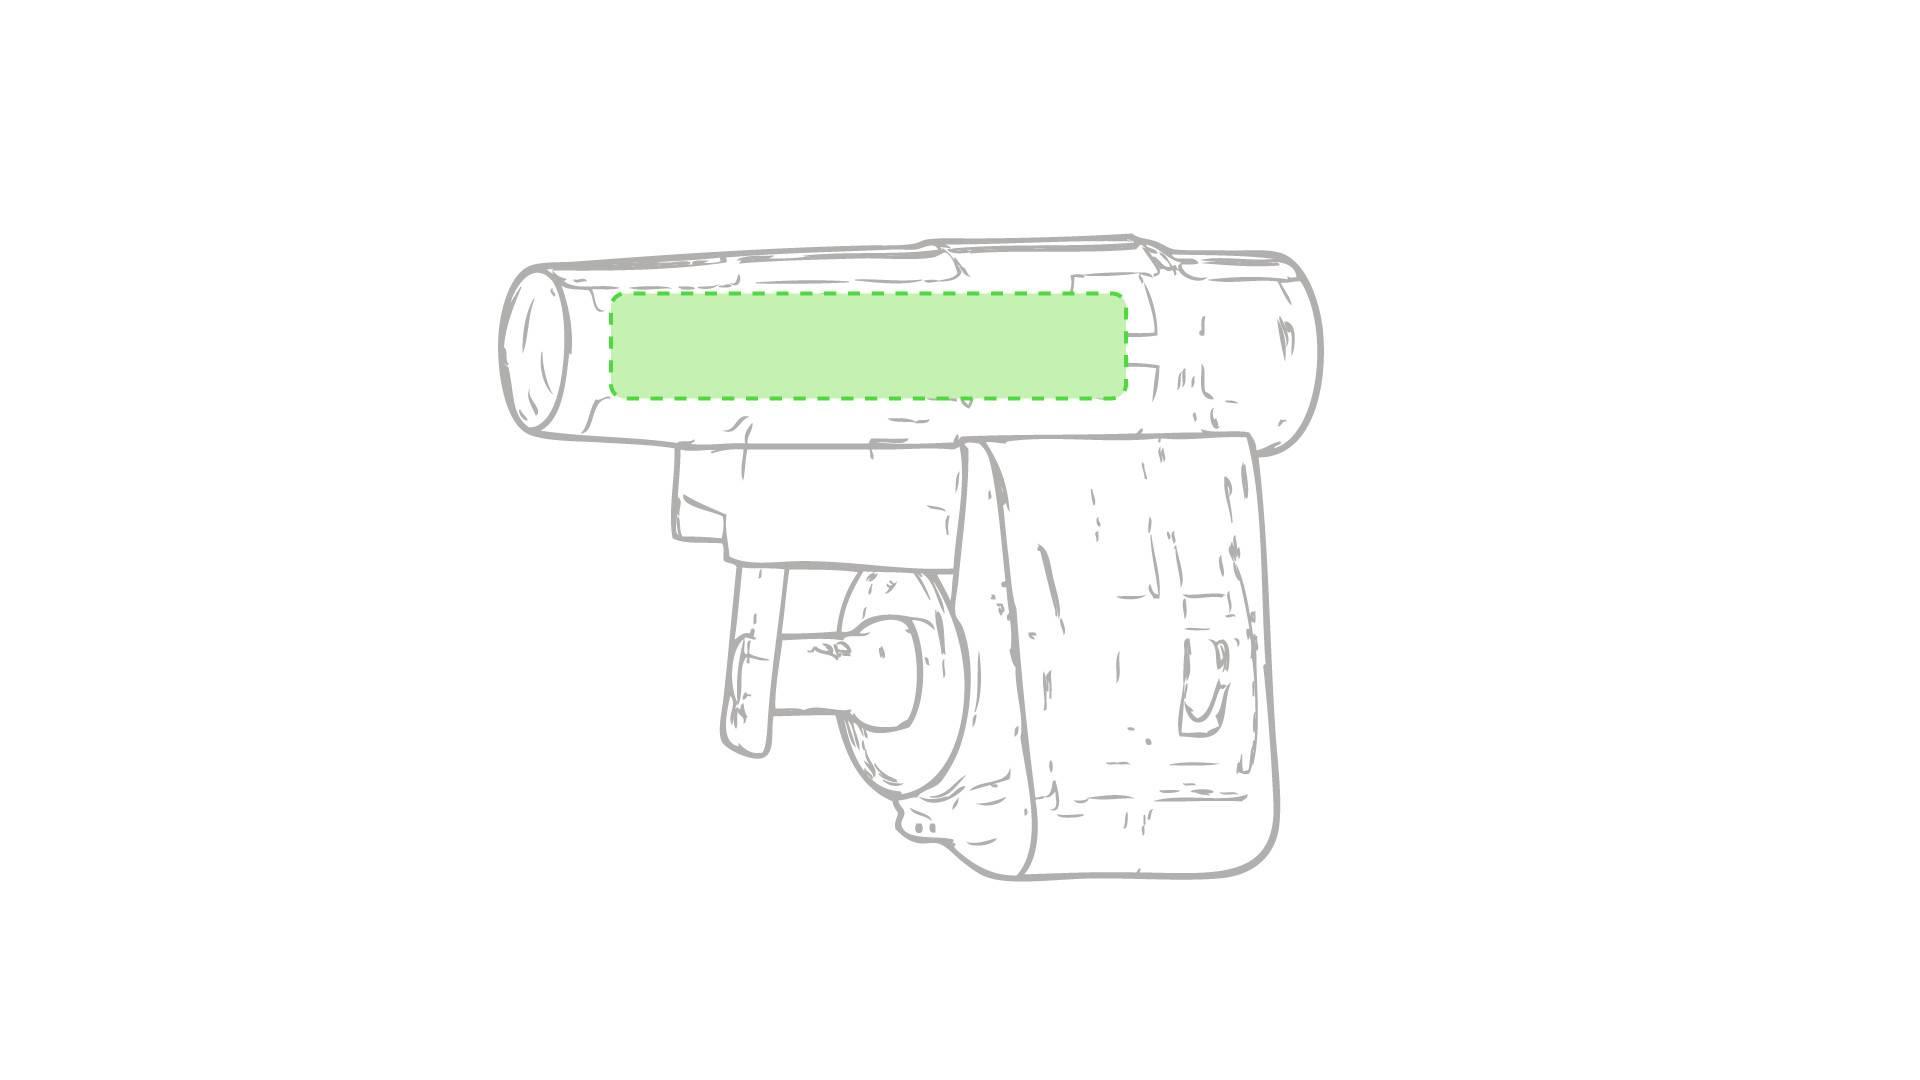 Pistola de agua pequeña 1